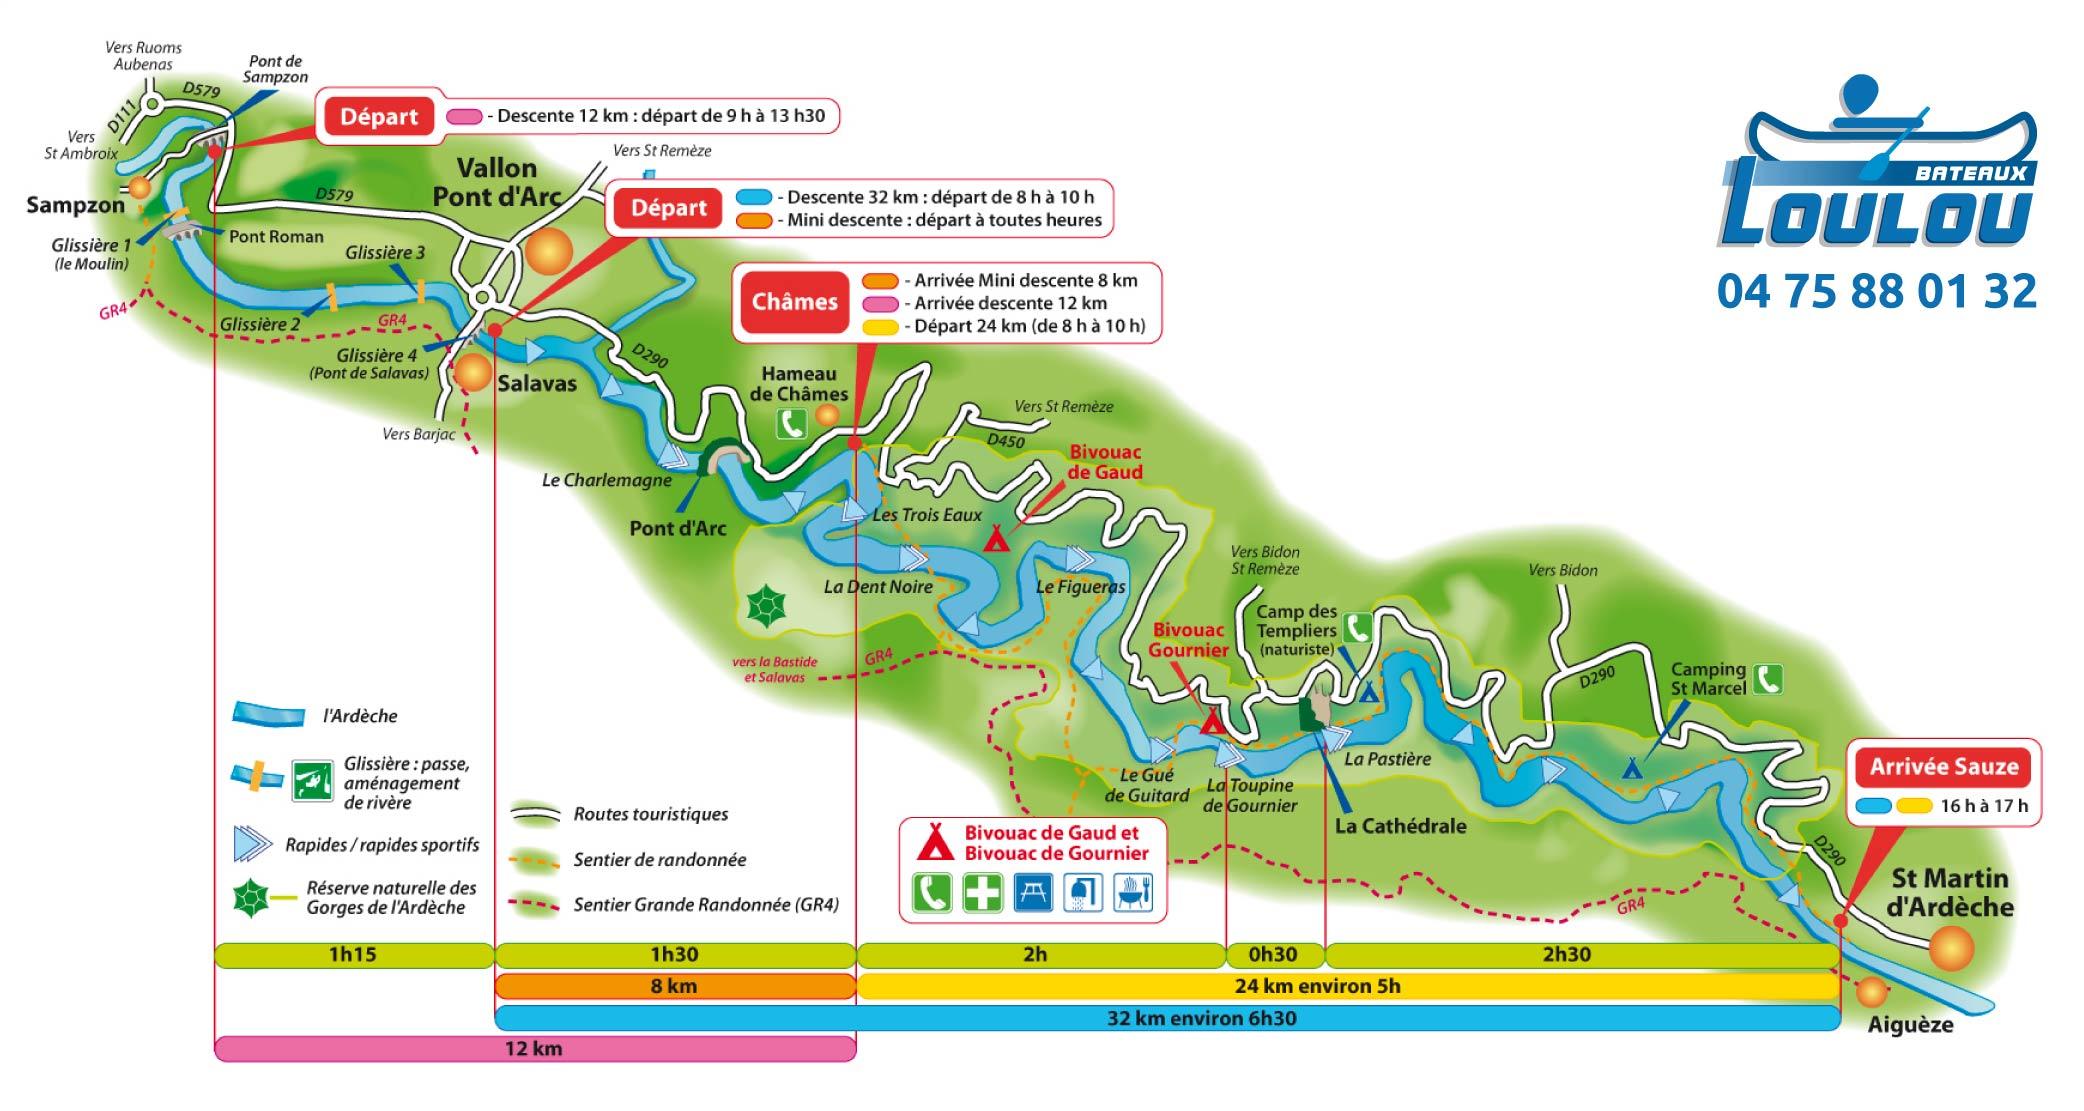 Carte de la descente des Gorges de l'Ardèche en Canoë-Kayak